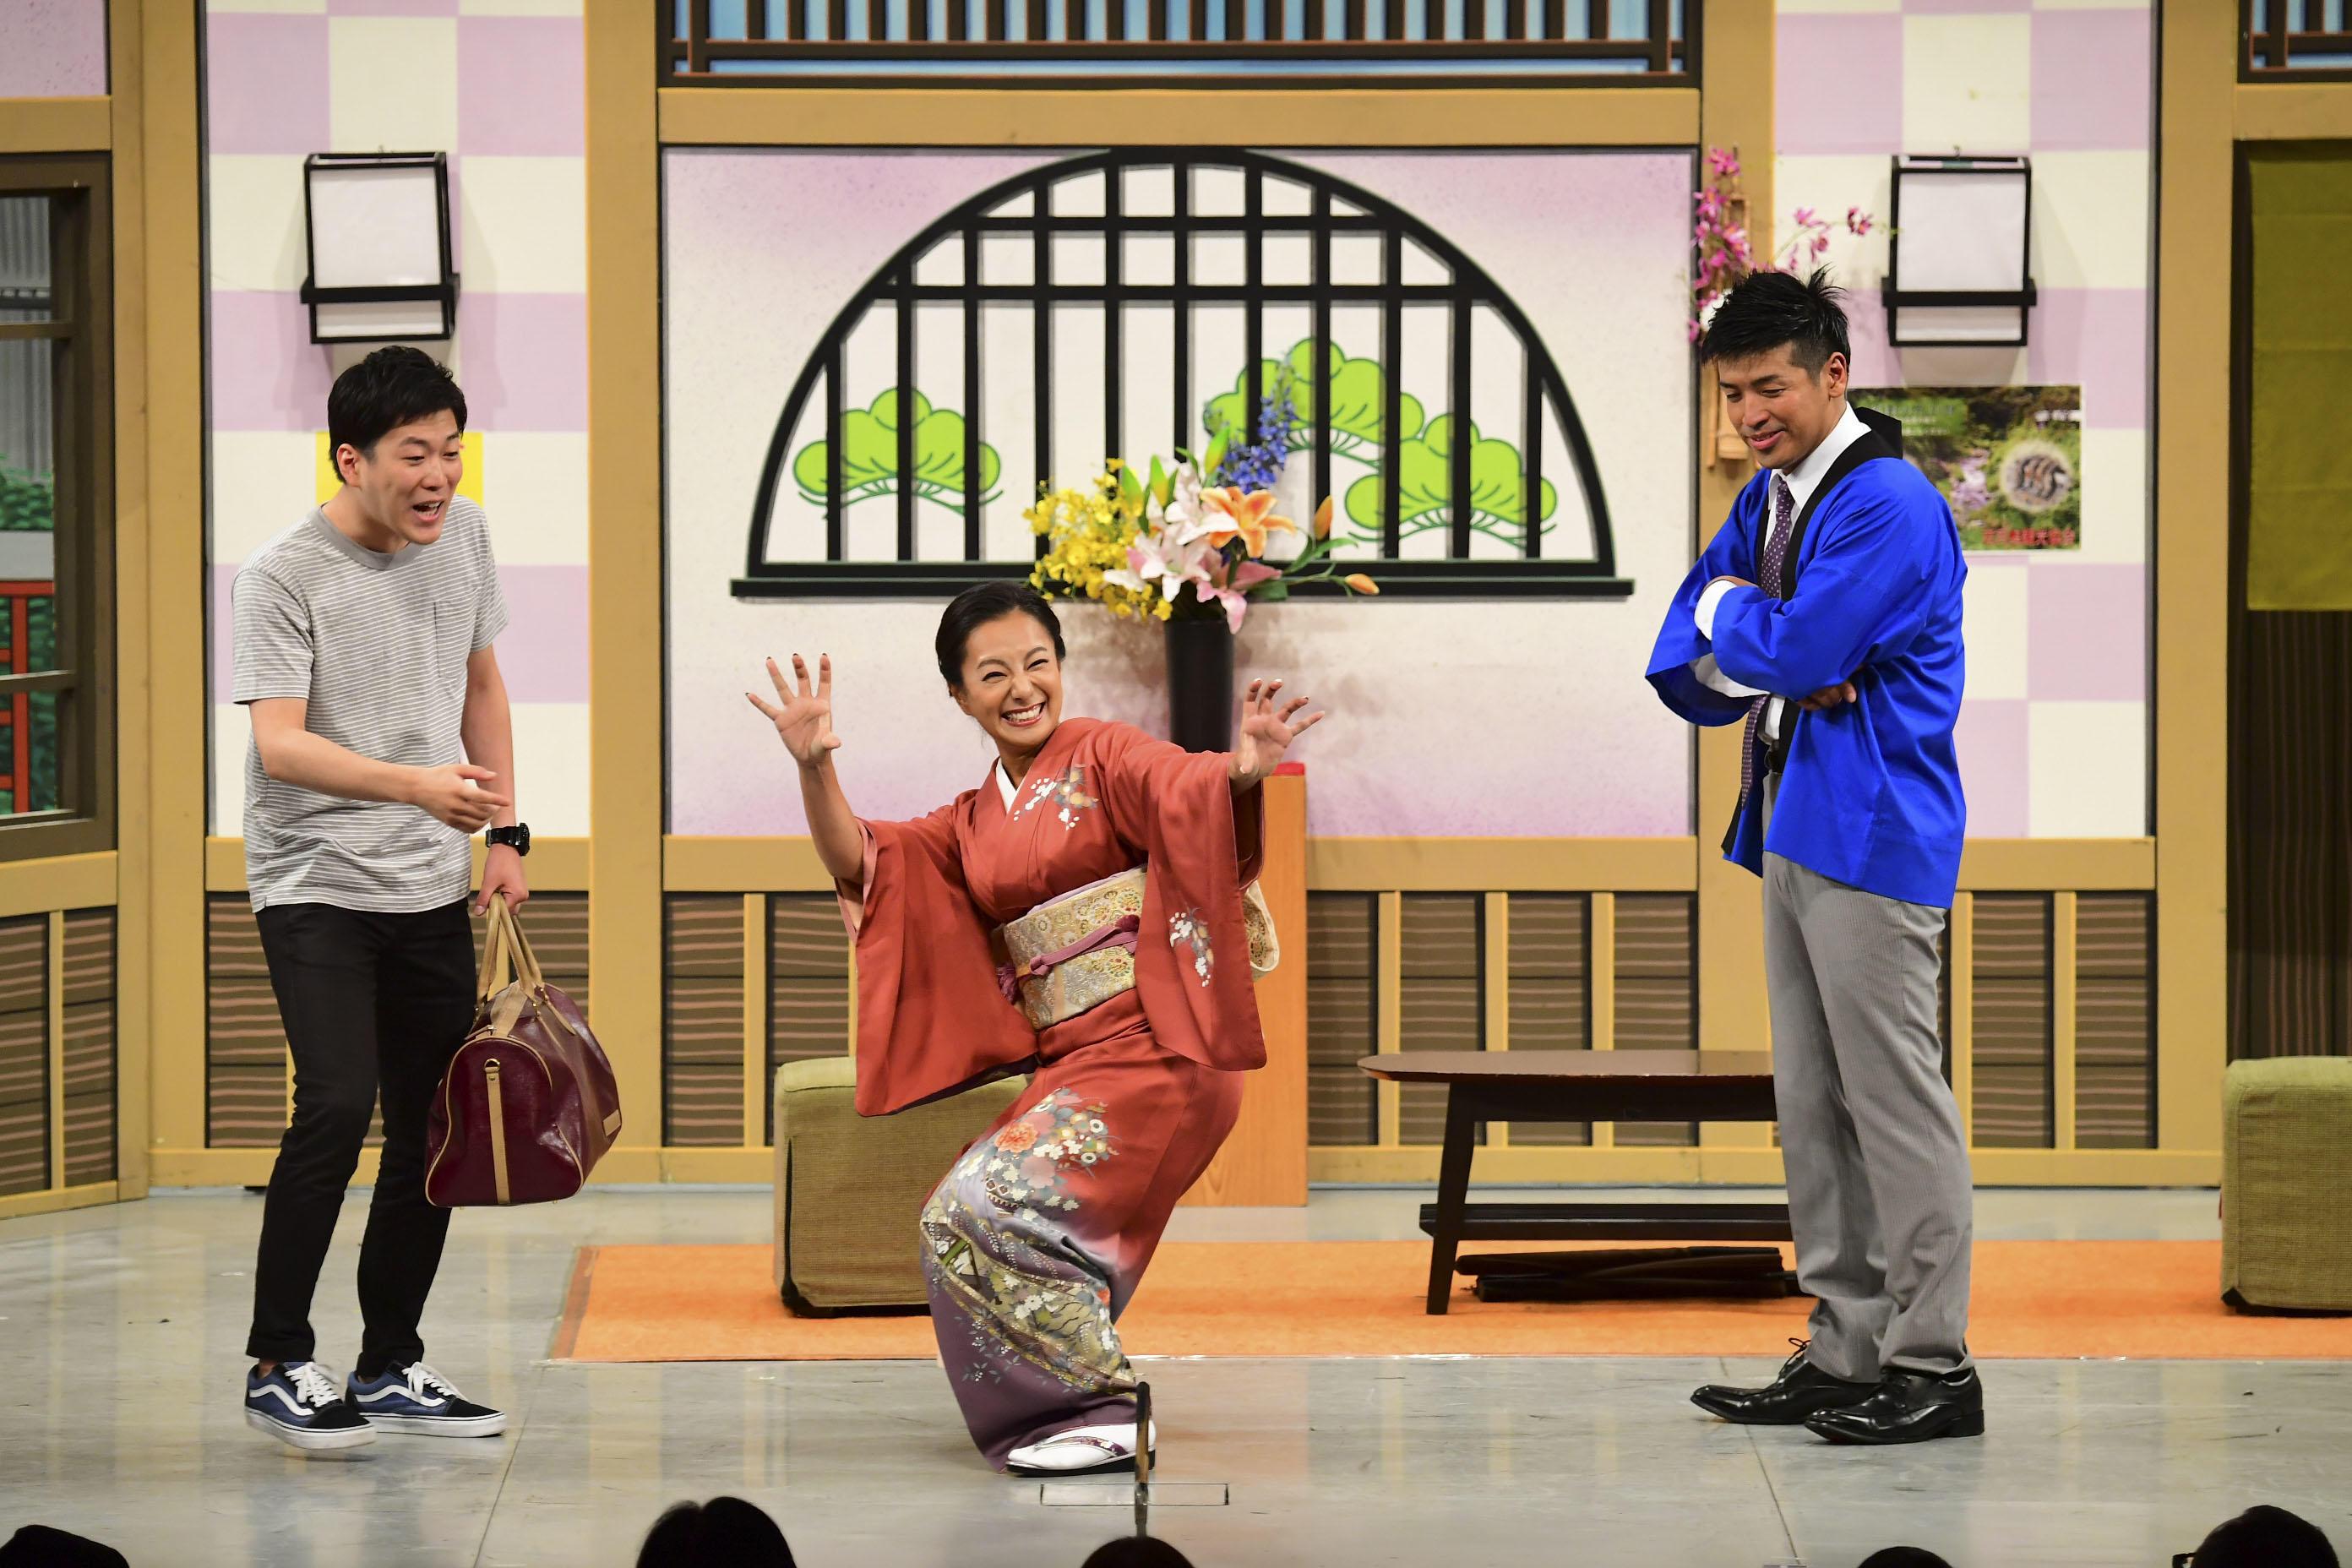 http://news.yoshimoto.co.jp/20170909191206-8e4b951fdfcfd9e5d2e920c246b9e81449f4b747.jpg